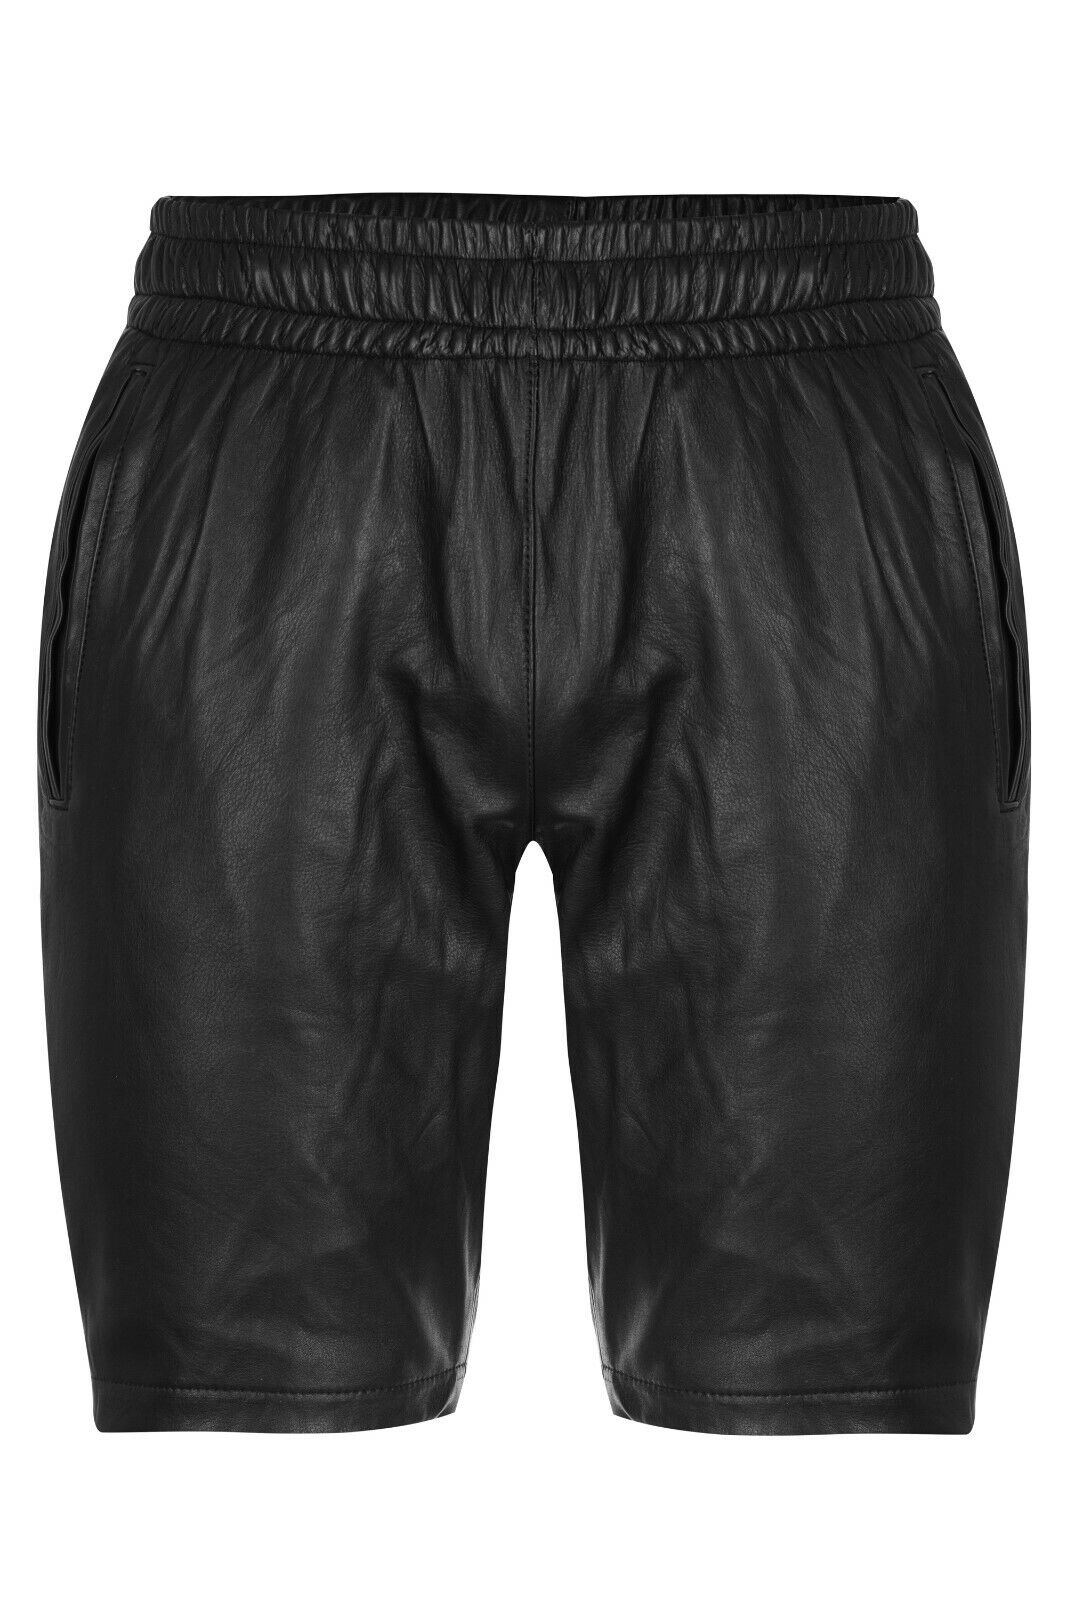 Bermuda schwarz SHORTS Leder Ledershorts Freizeithose